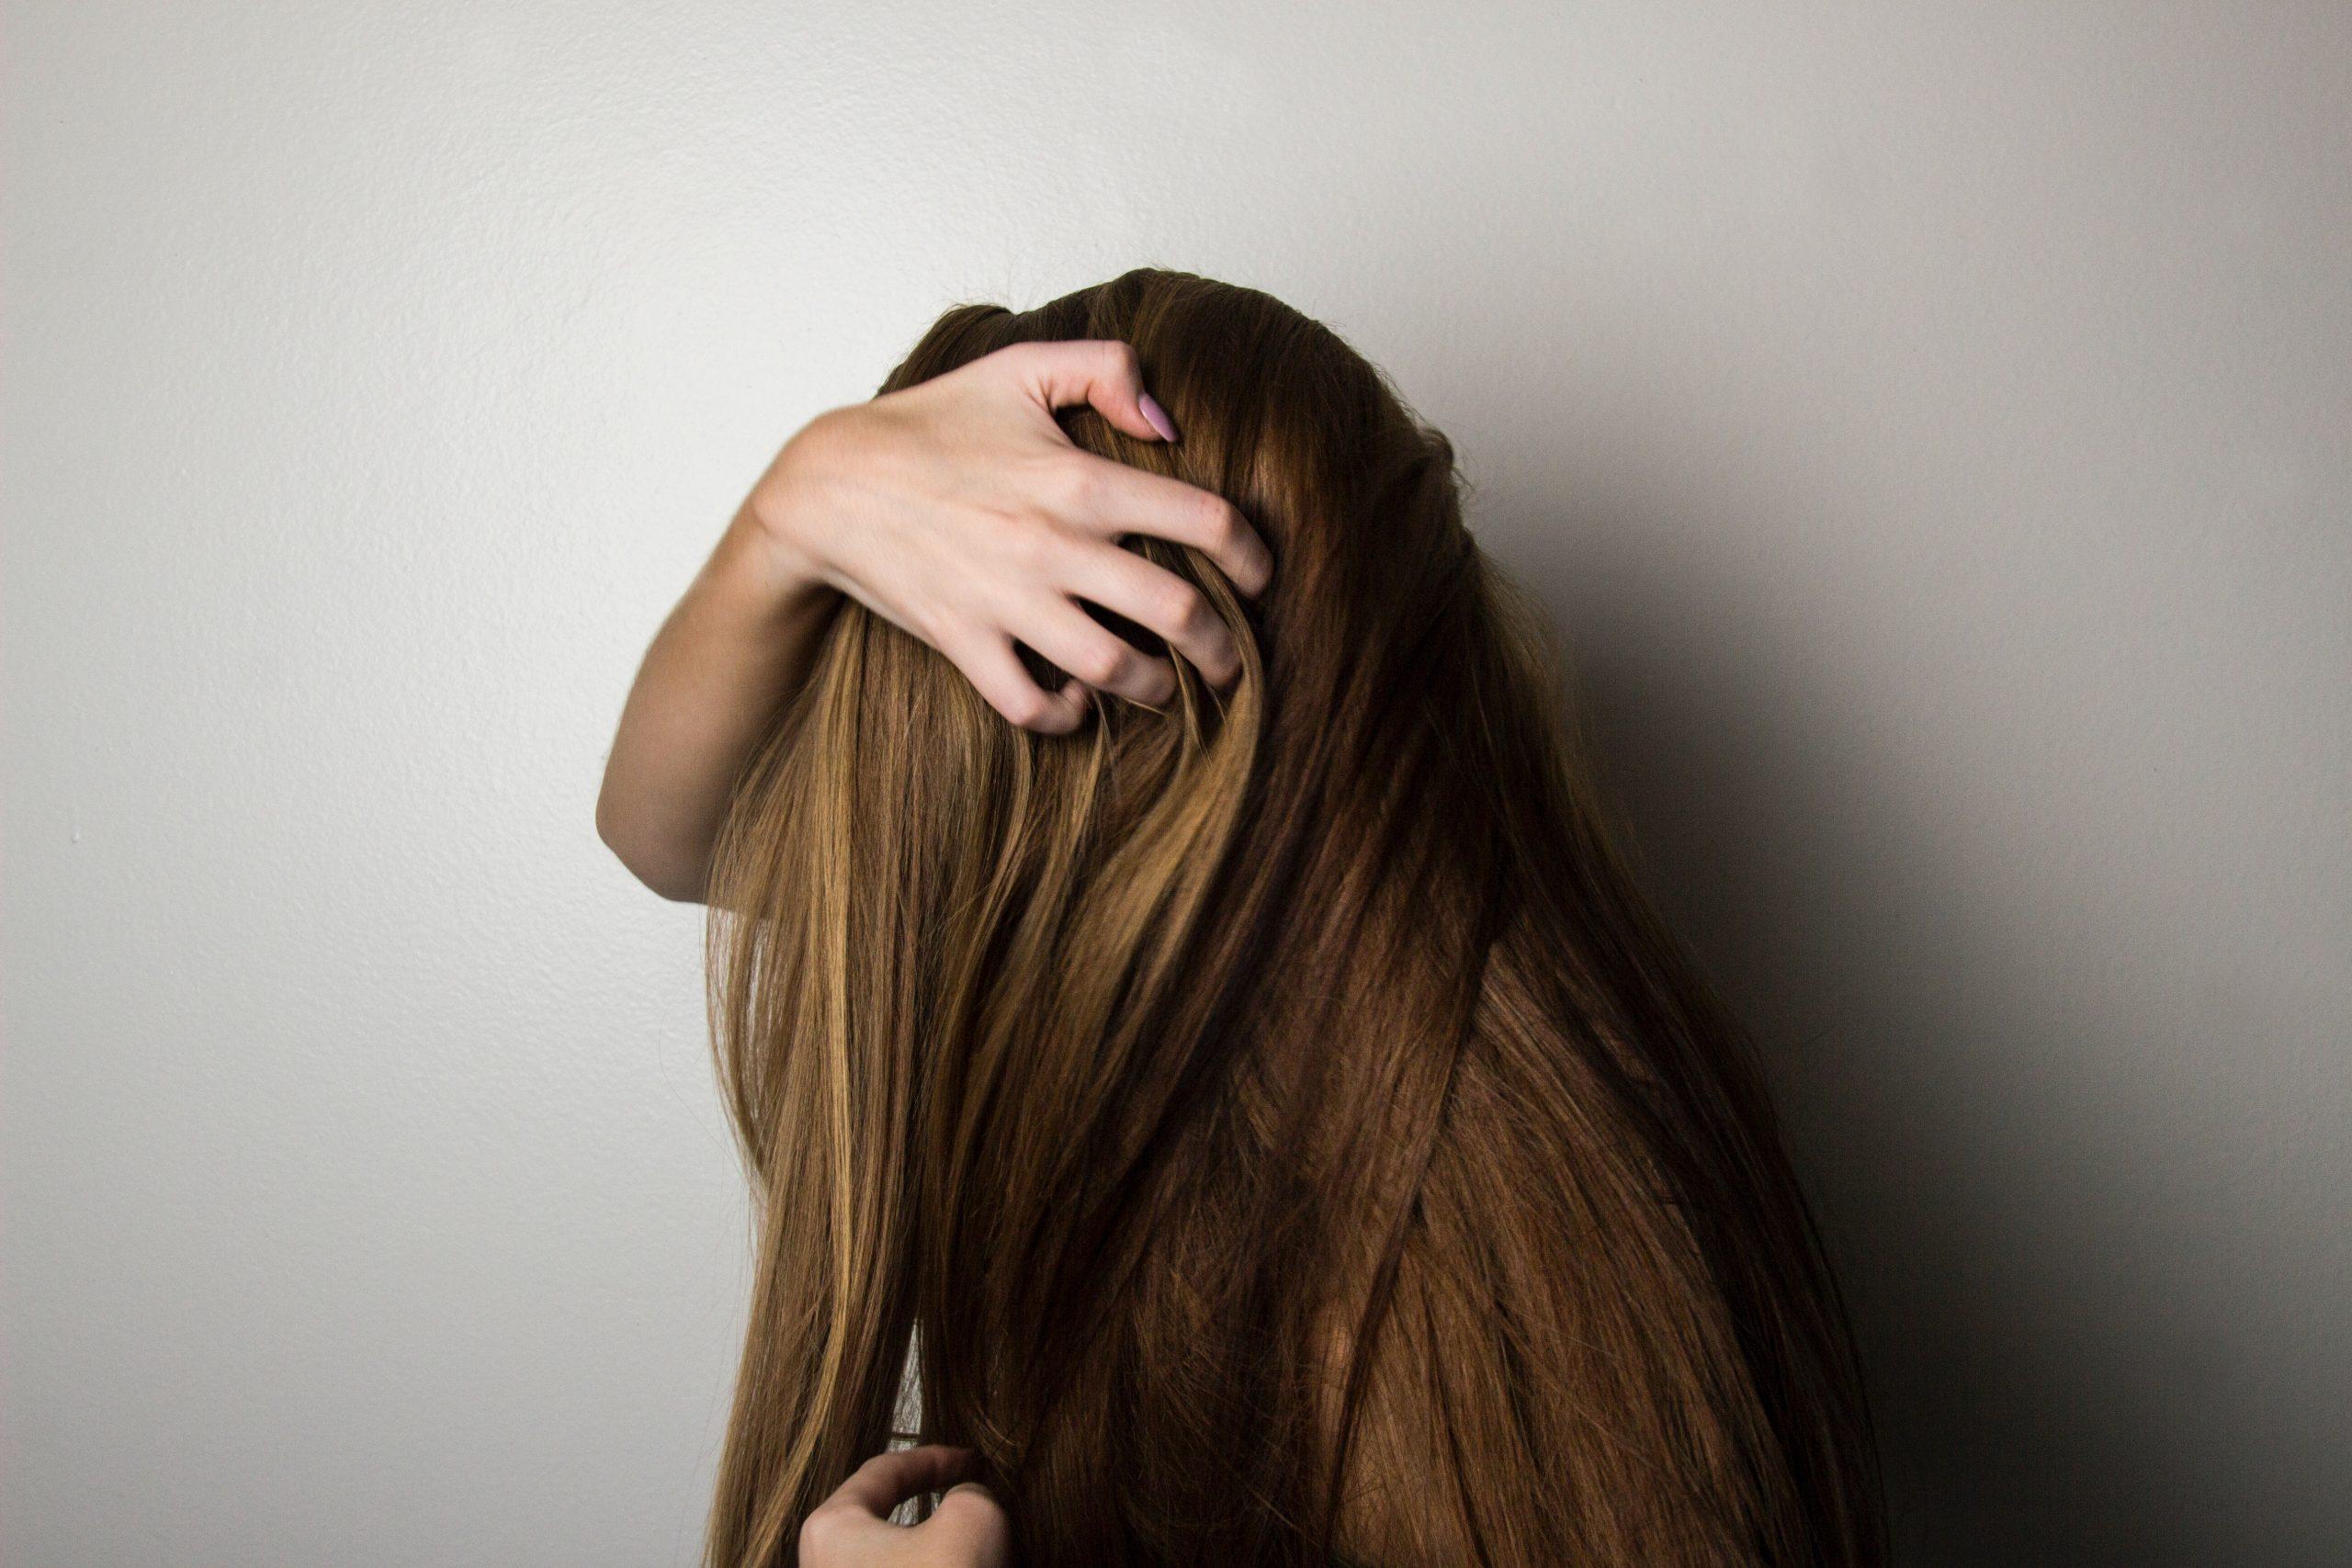 luizen hoofdluis behandelen bestrijden nat-kam-methode